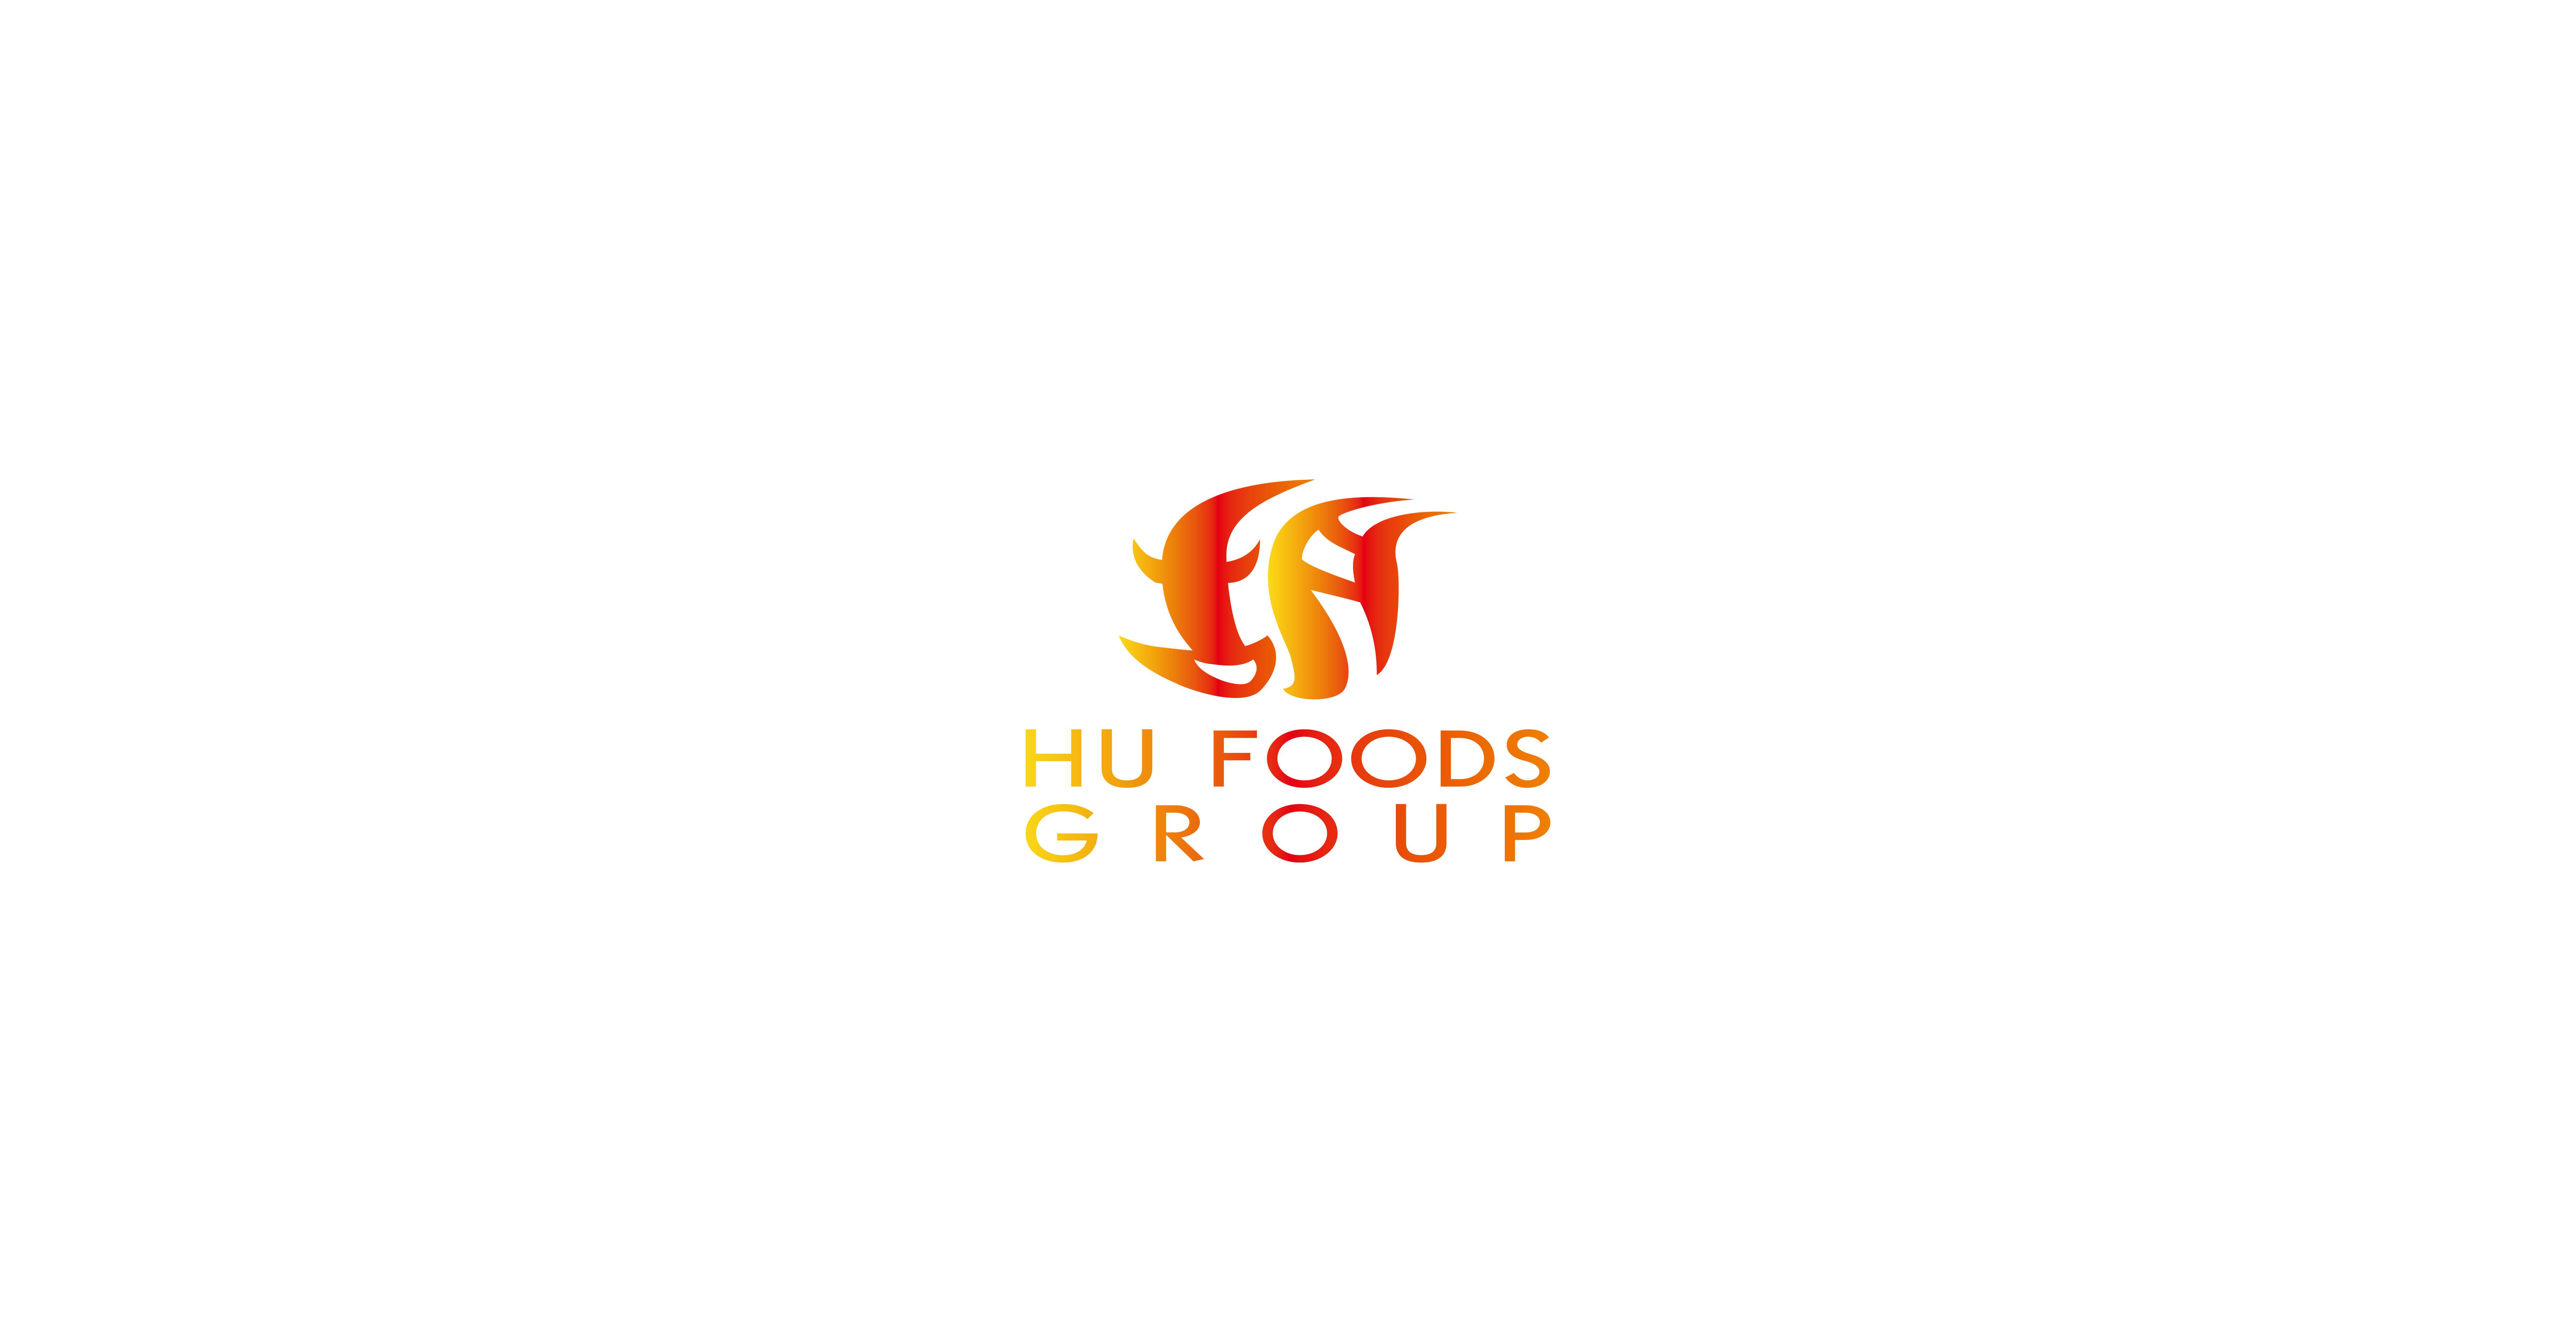 HU FOODS GROUP1